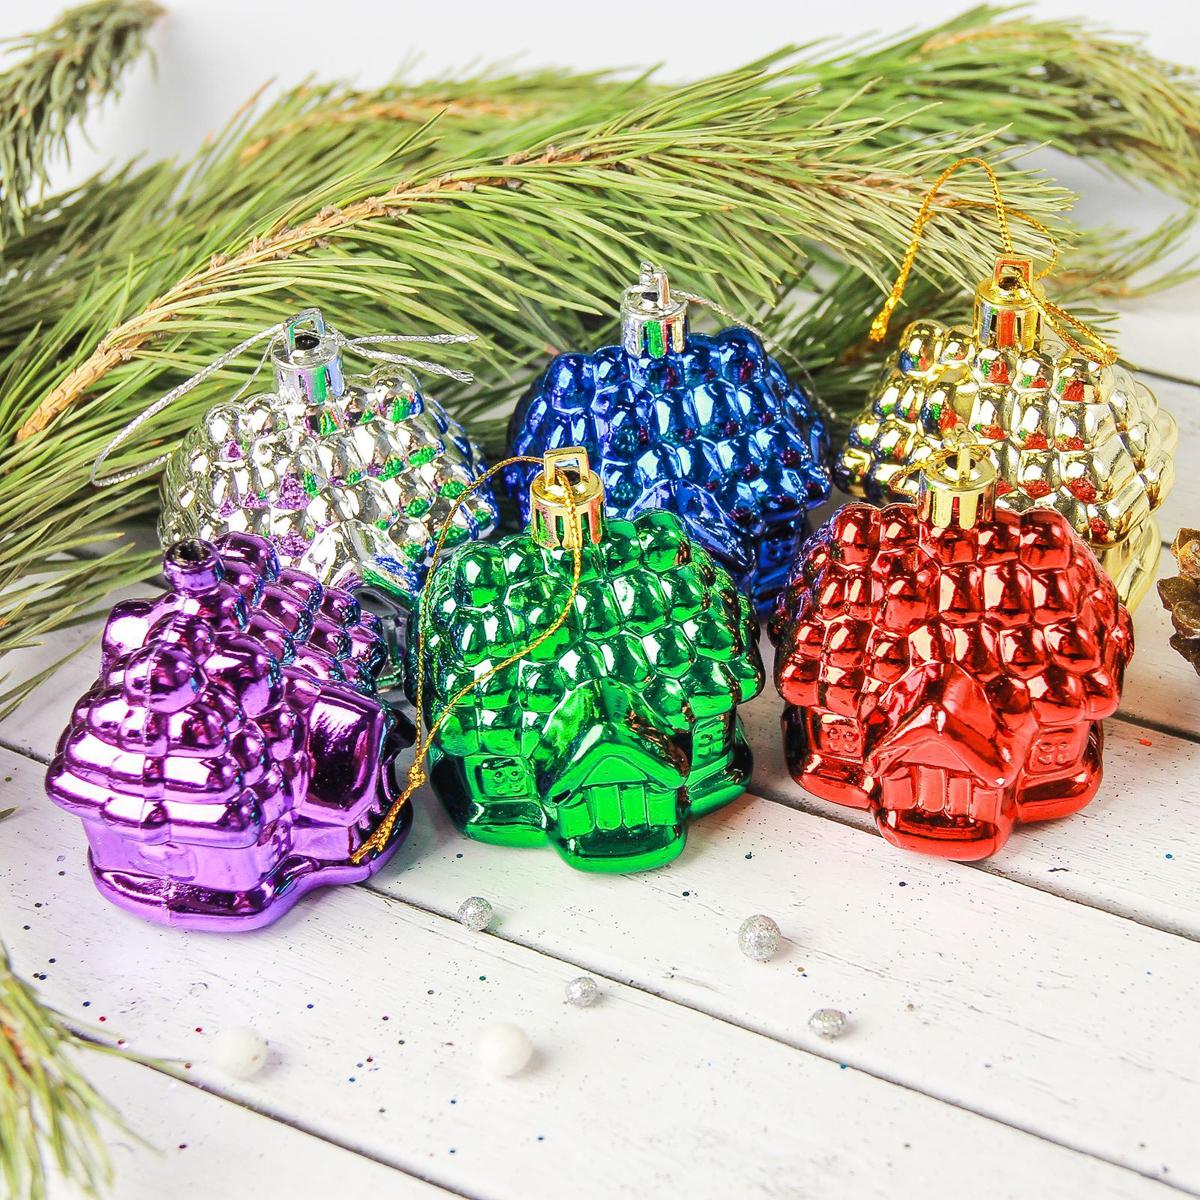 Набор новогодних подвесных украшений Sima-land Домик разноцветный, 4,5 см, 6 шт2372152Набор новогодних подвесных украшений Sima-land отлично подойдет для декорации вашего дома и новогодней ели. Новогодние украшения можно повесить в любом понравившемся вам месте. Но, конечно, удачнее всего они будет смотреться на праздничной елке.Елочная игрушка - символ Нового года. Она несет в себе волшебство и красоту праздника. Такое украшение создаст в вашем доме атмосферу праздника, веселья и радости.